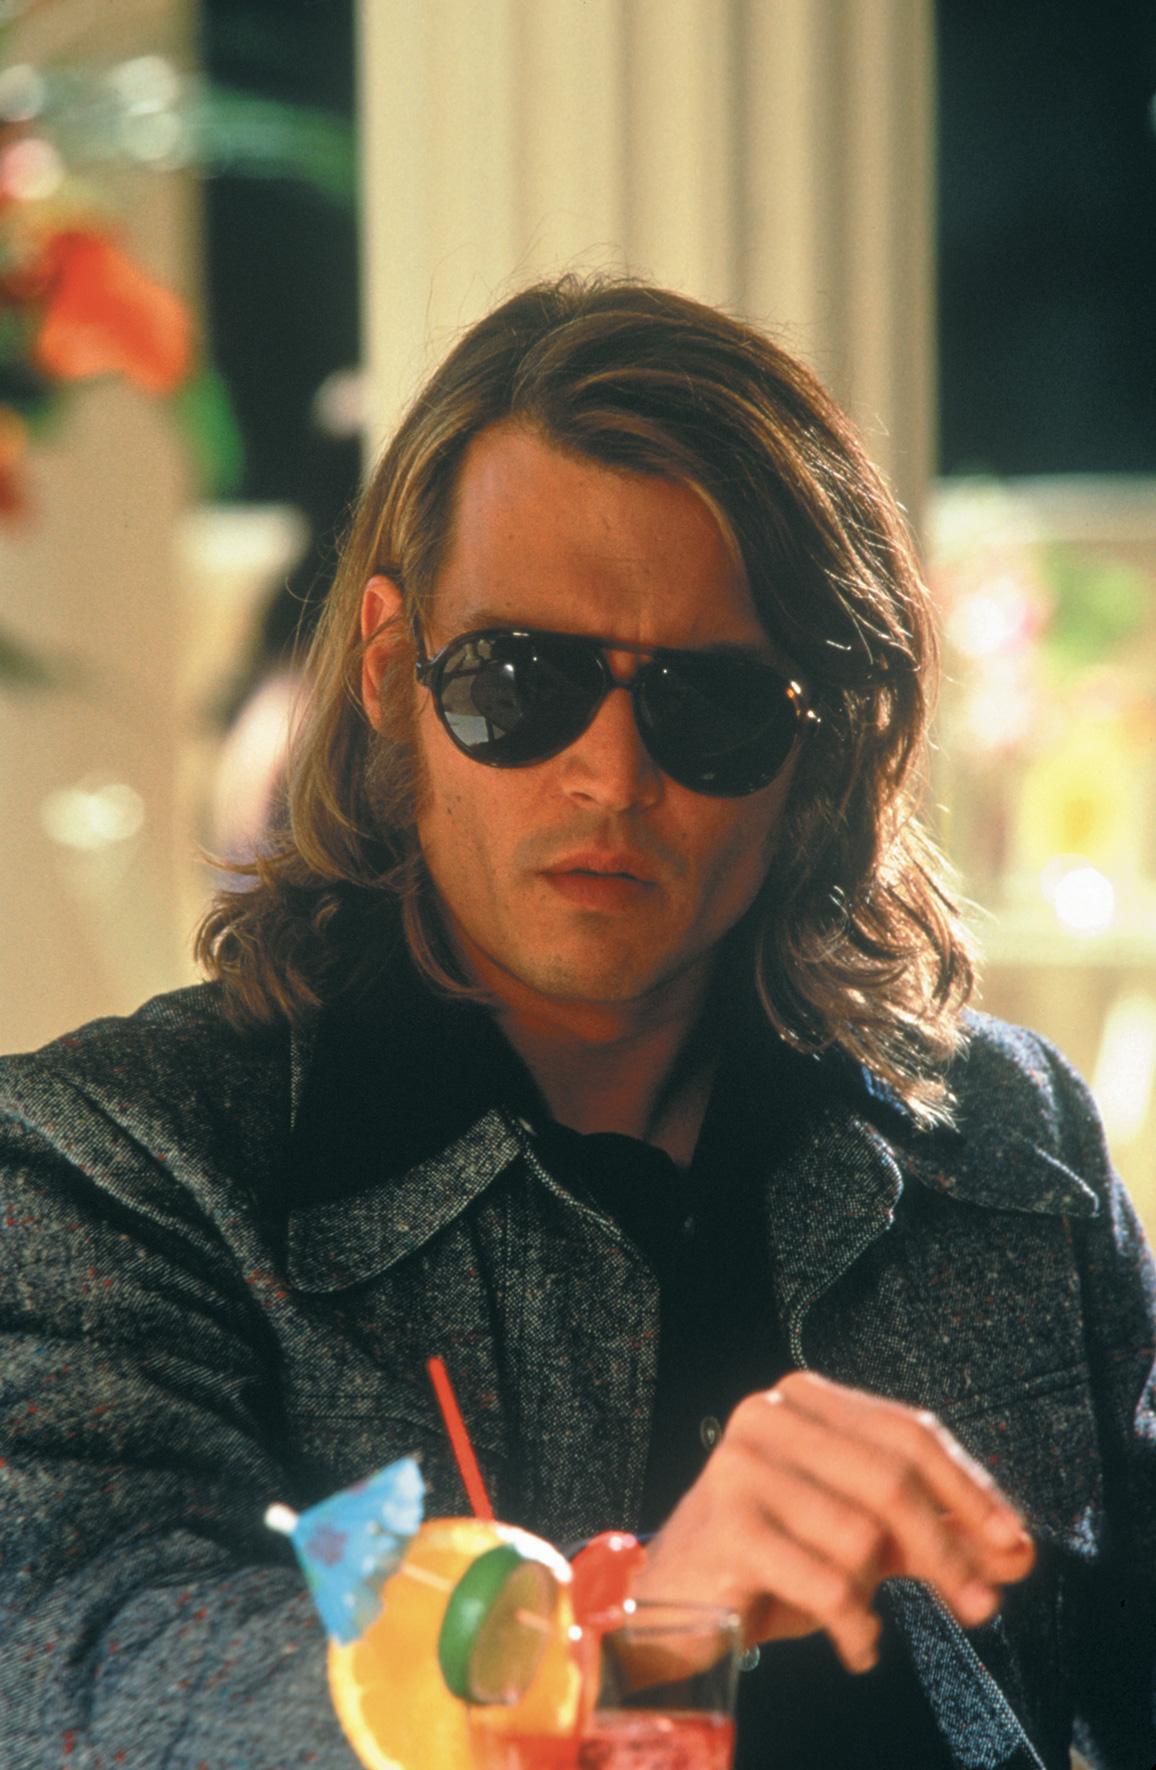 Pillola da 2:51, Estratta dal film Blow, del 2001. Blow è stato diretto da Ted Demme. La storia è basata su un romanzo di Bruce Porter su George Jung, un trafficante…